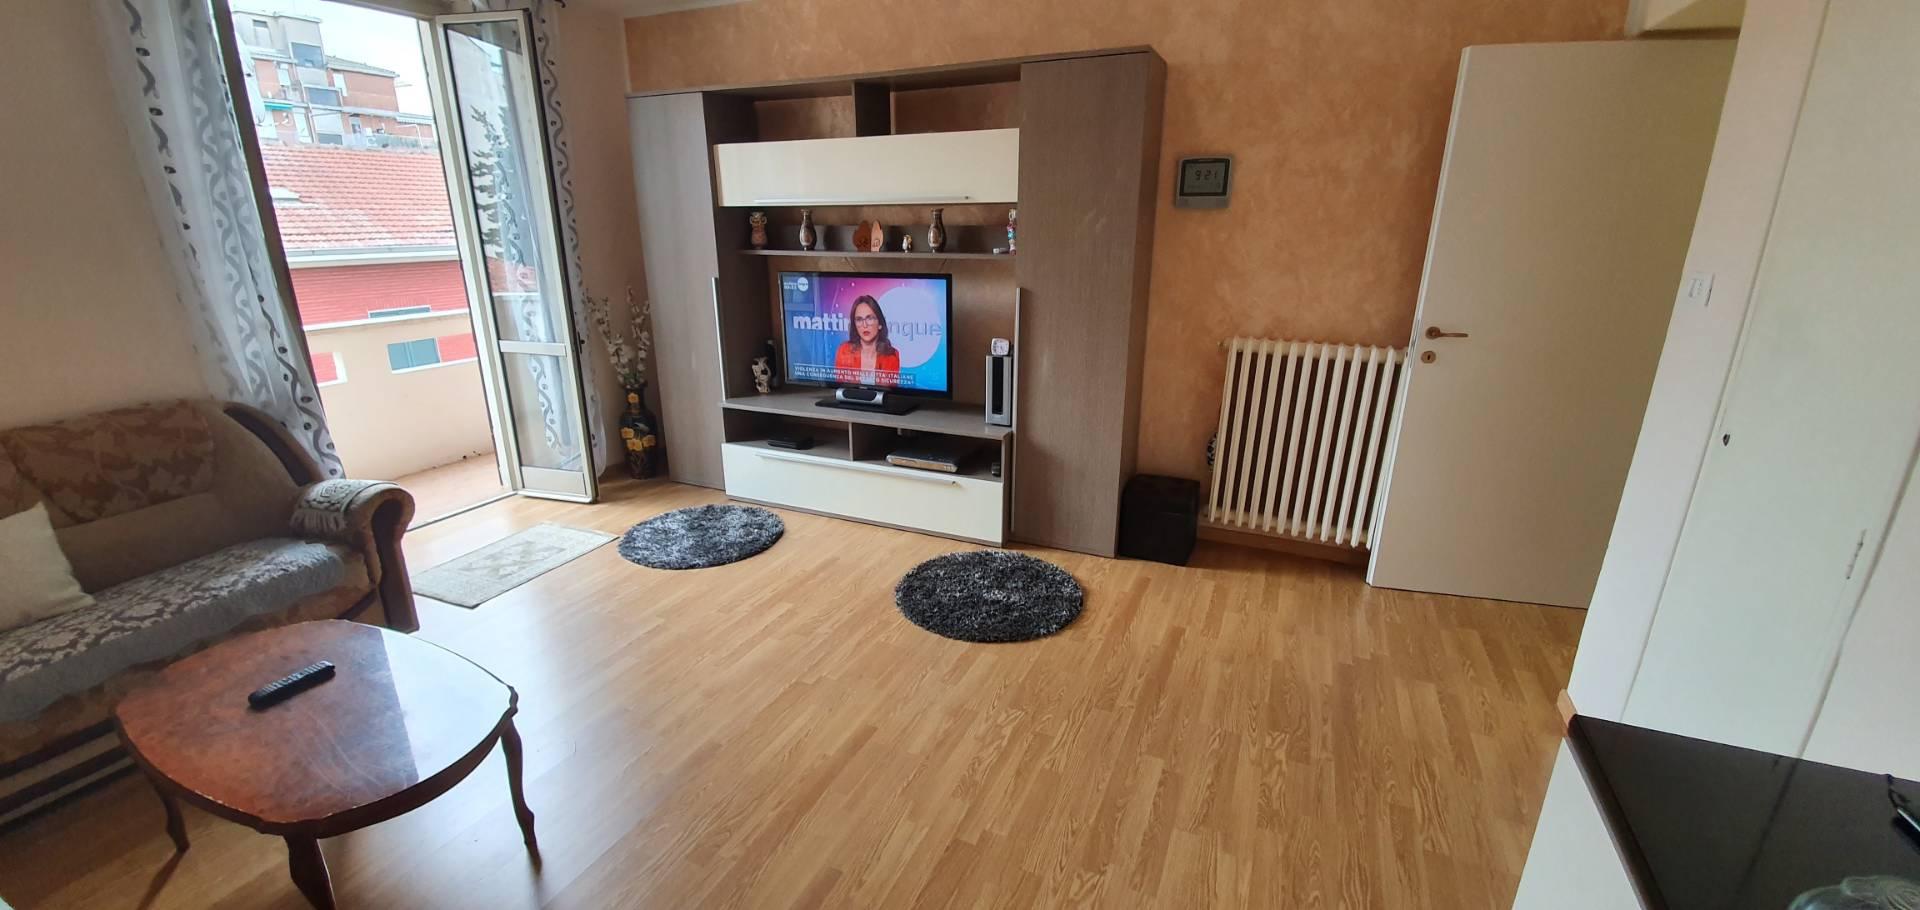 Appartamento in vendita a Alessandria, 3 locali, zona Località: Pista, prezzo € 35.000 | CambioCasa.it